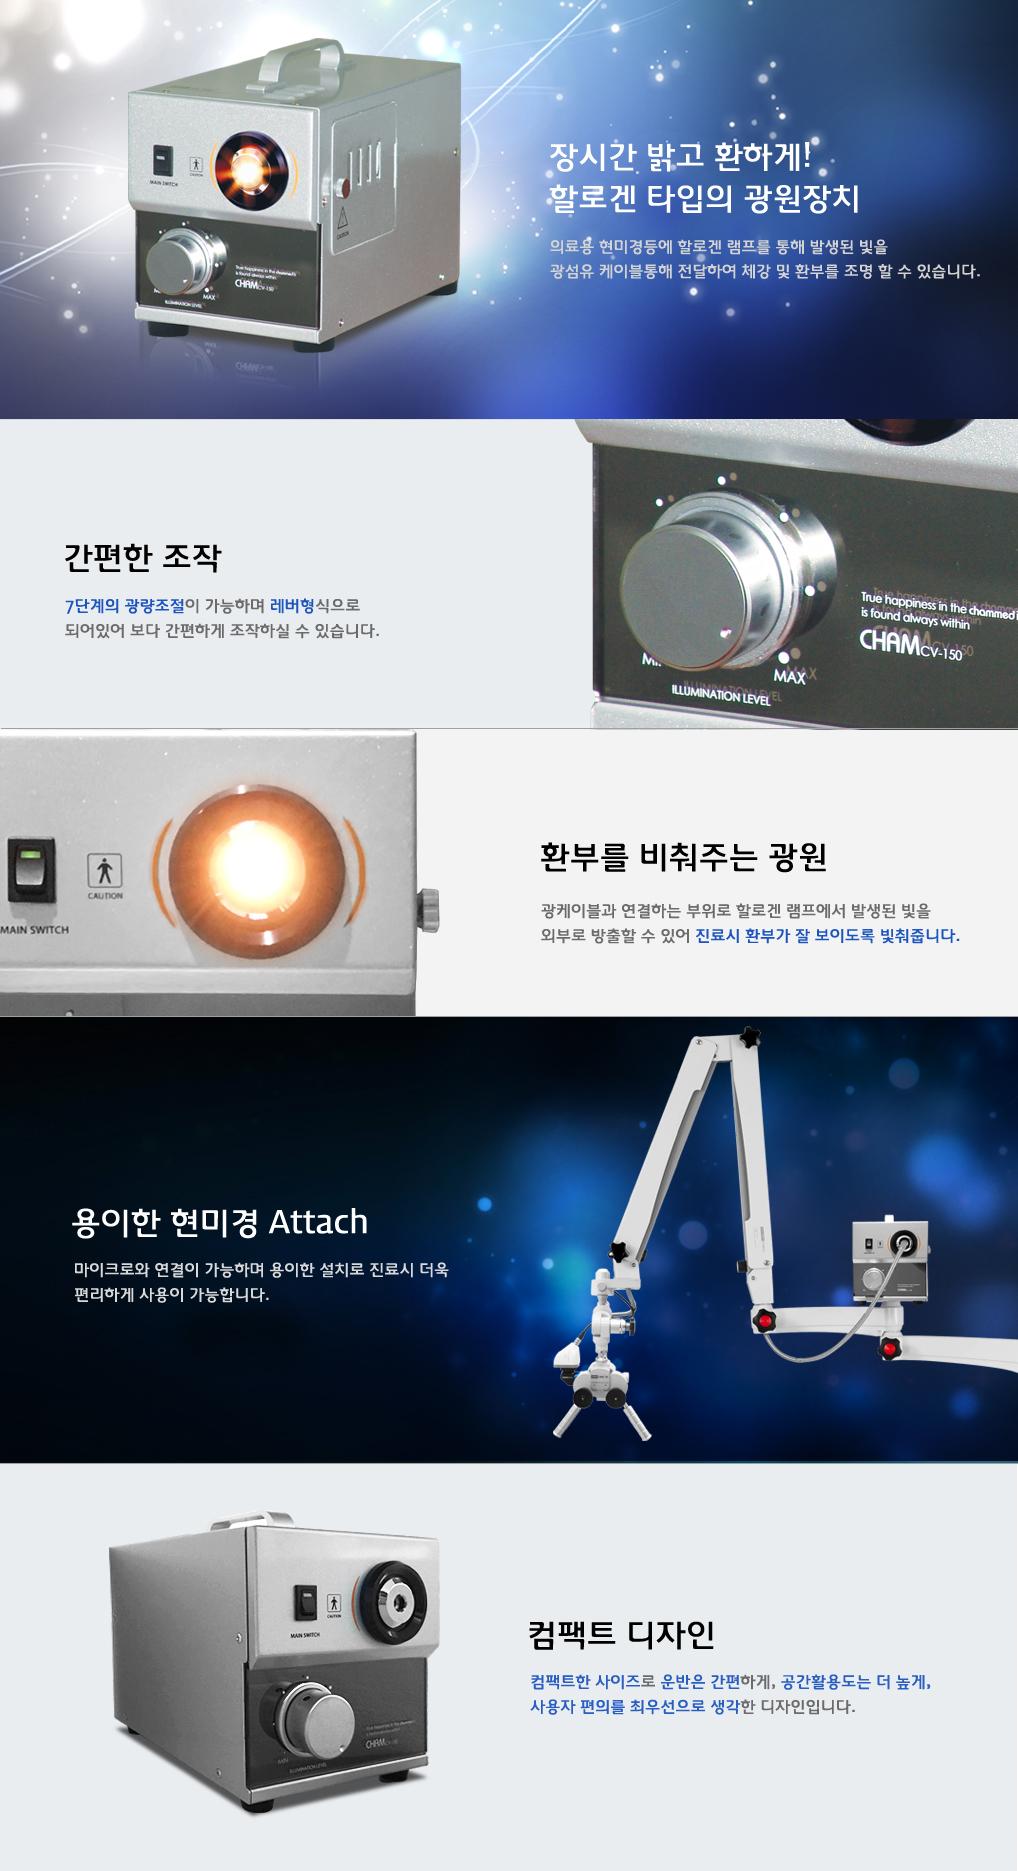 (주)참메드 Halogen Light Source CHAM CV-150